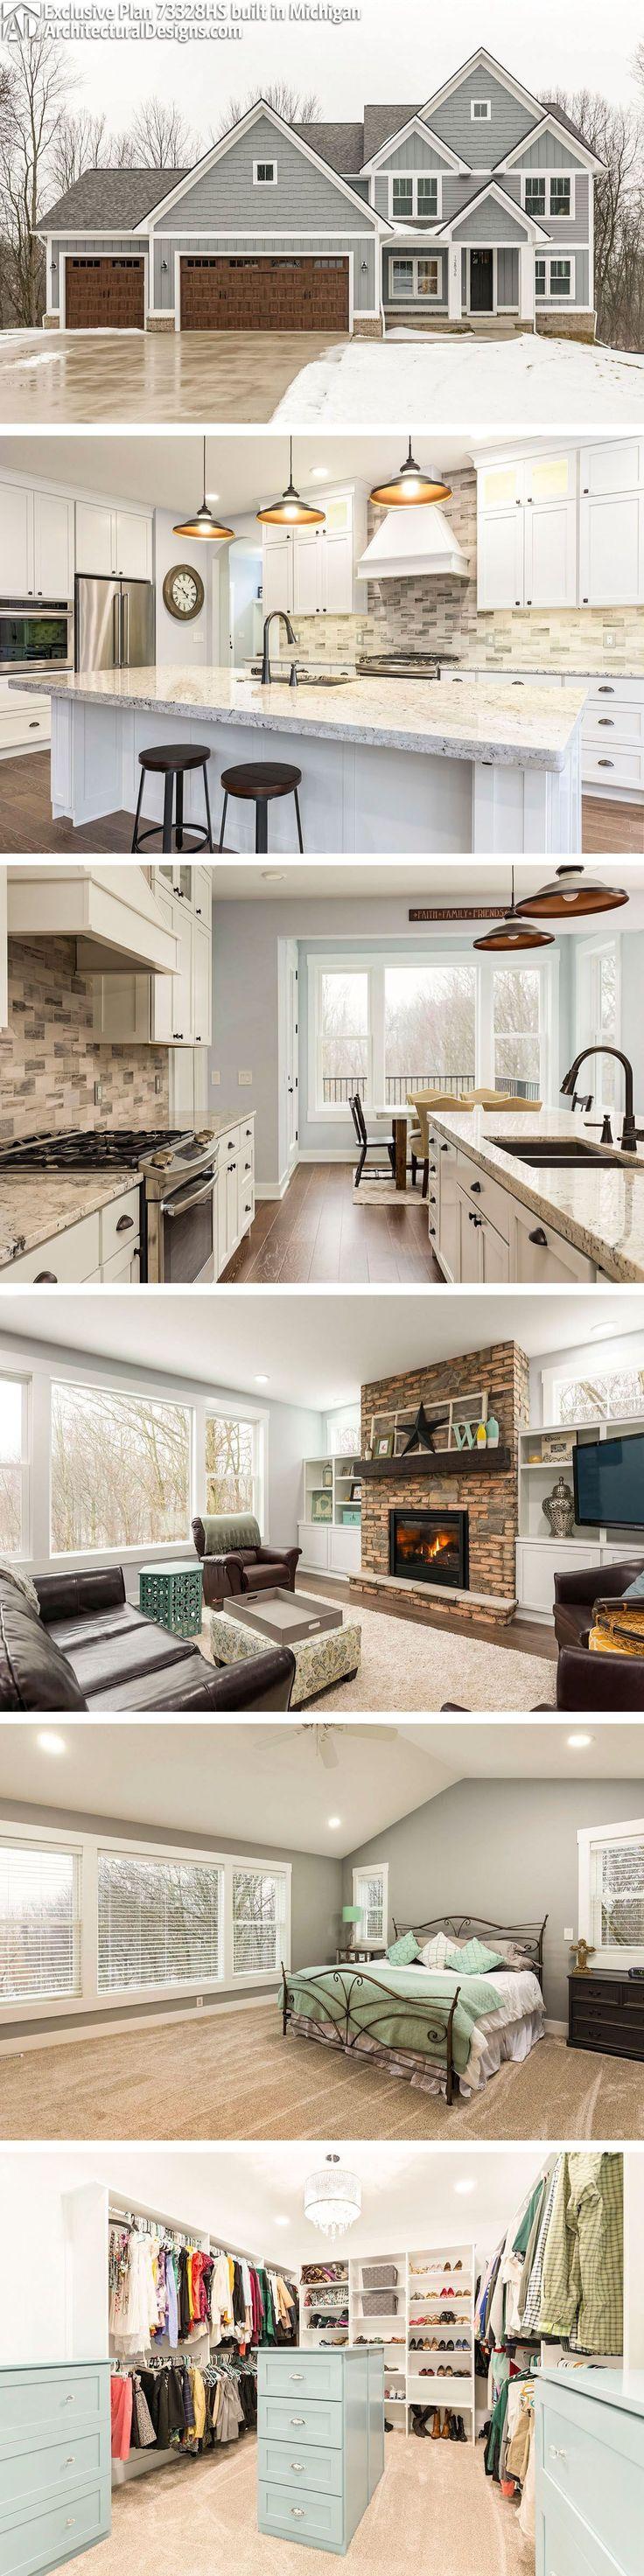 62 best Houston, TX Homes images on Pinterest | Homes, Dream houses ...